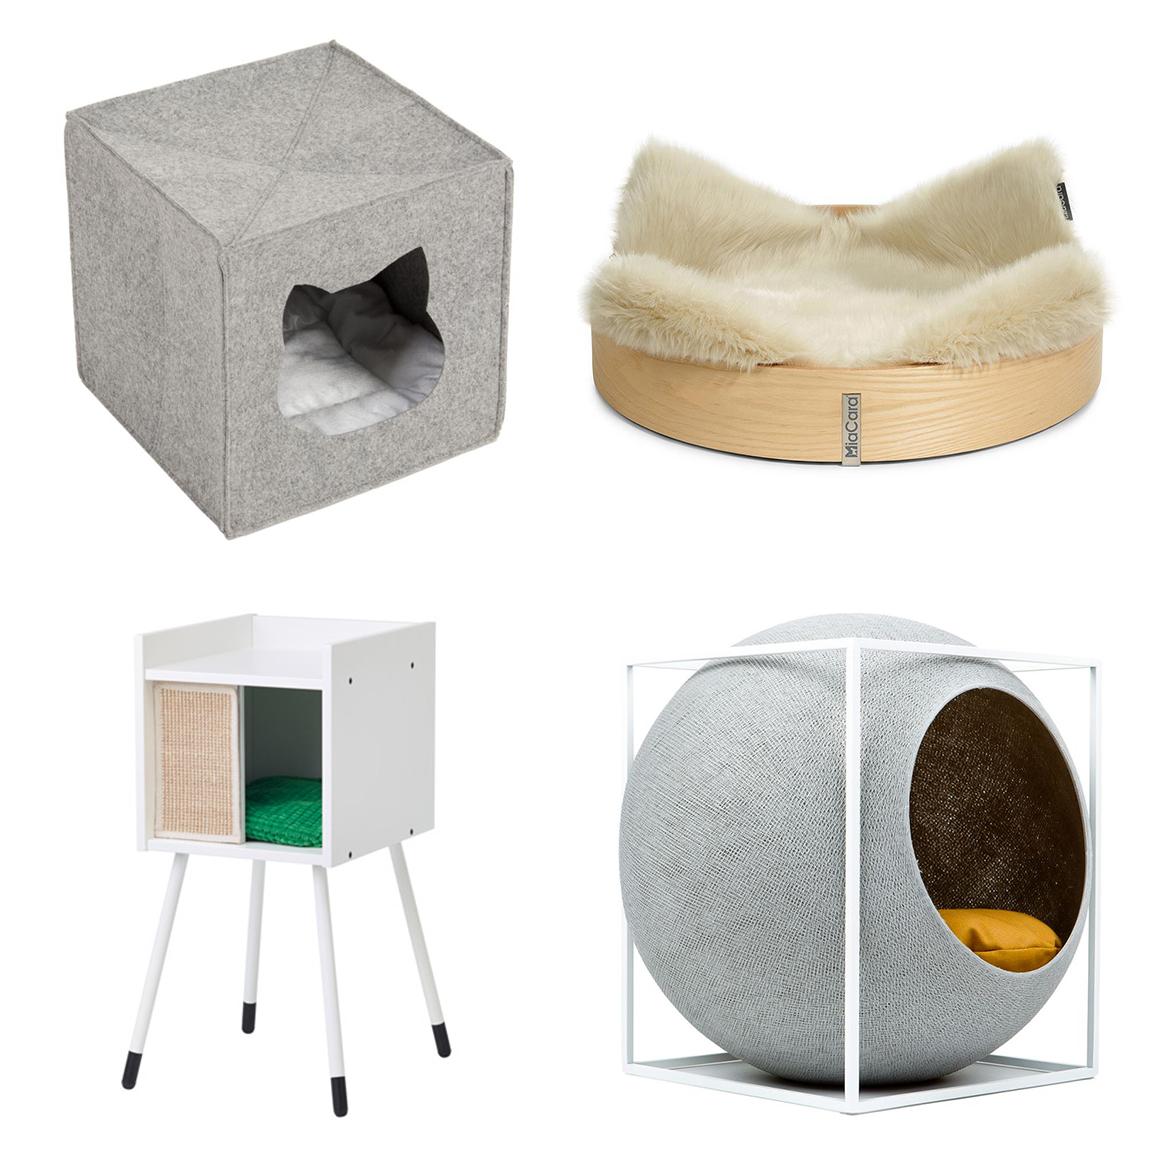 Ispirazioni di pet design stile nordico per gatti - Cuccia per gatti ikea ...